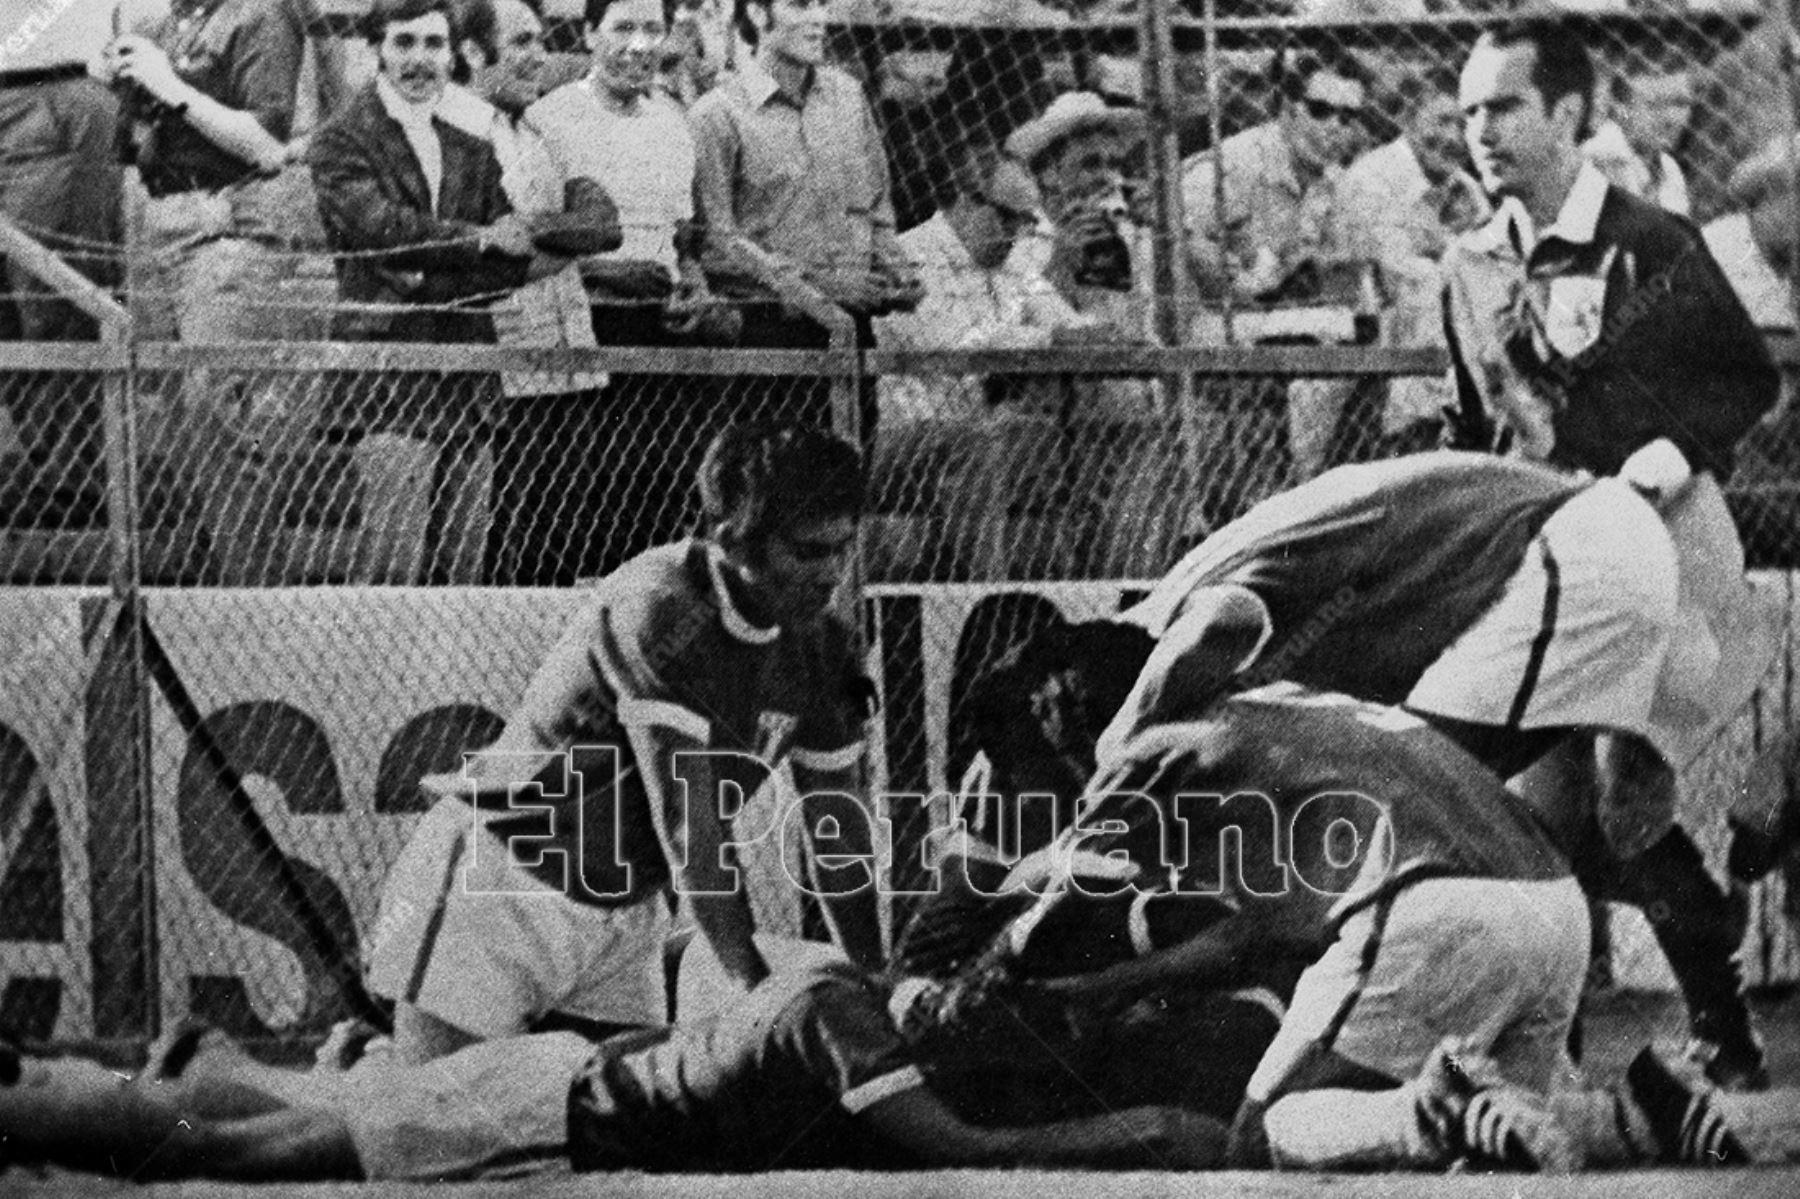 México 2 junio 1970 / Jugadores peruanos celebran el gol de Teófilo Cubillas con el que Perú venció a Bulgaria por 3 a 2 en el partido inaugural del grupo 4 del Mundial México 70.  Foto: Archivo Histórico de El Peruano / Luis Flores